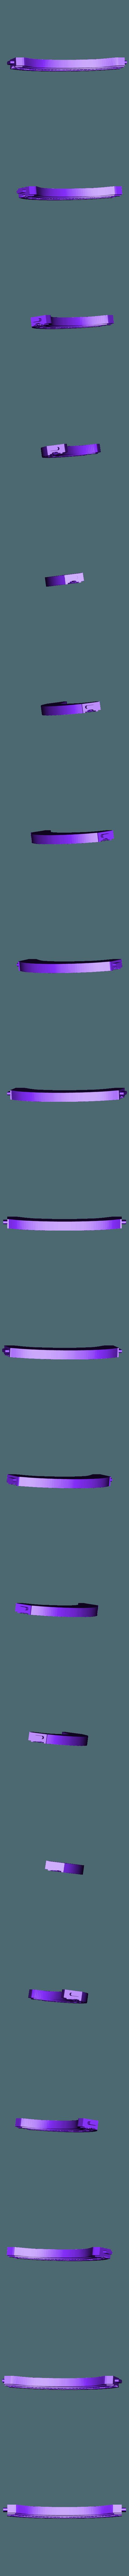 4.STL Télécharger fichier STL gratuit chaise renaissance • Plan pour imprimante 3D, 3DPrinterFiles